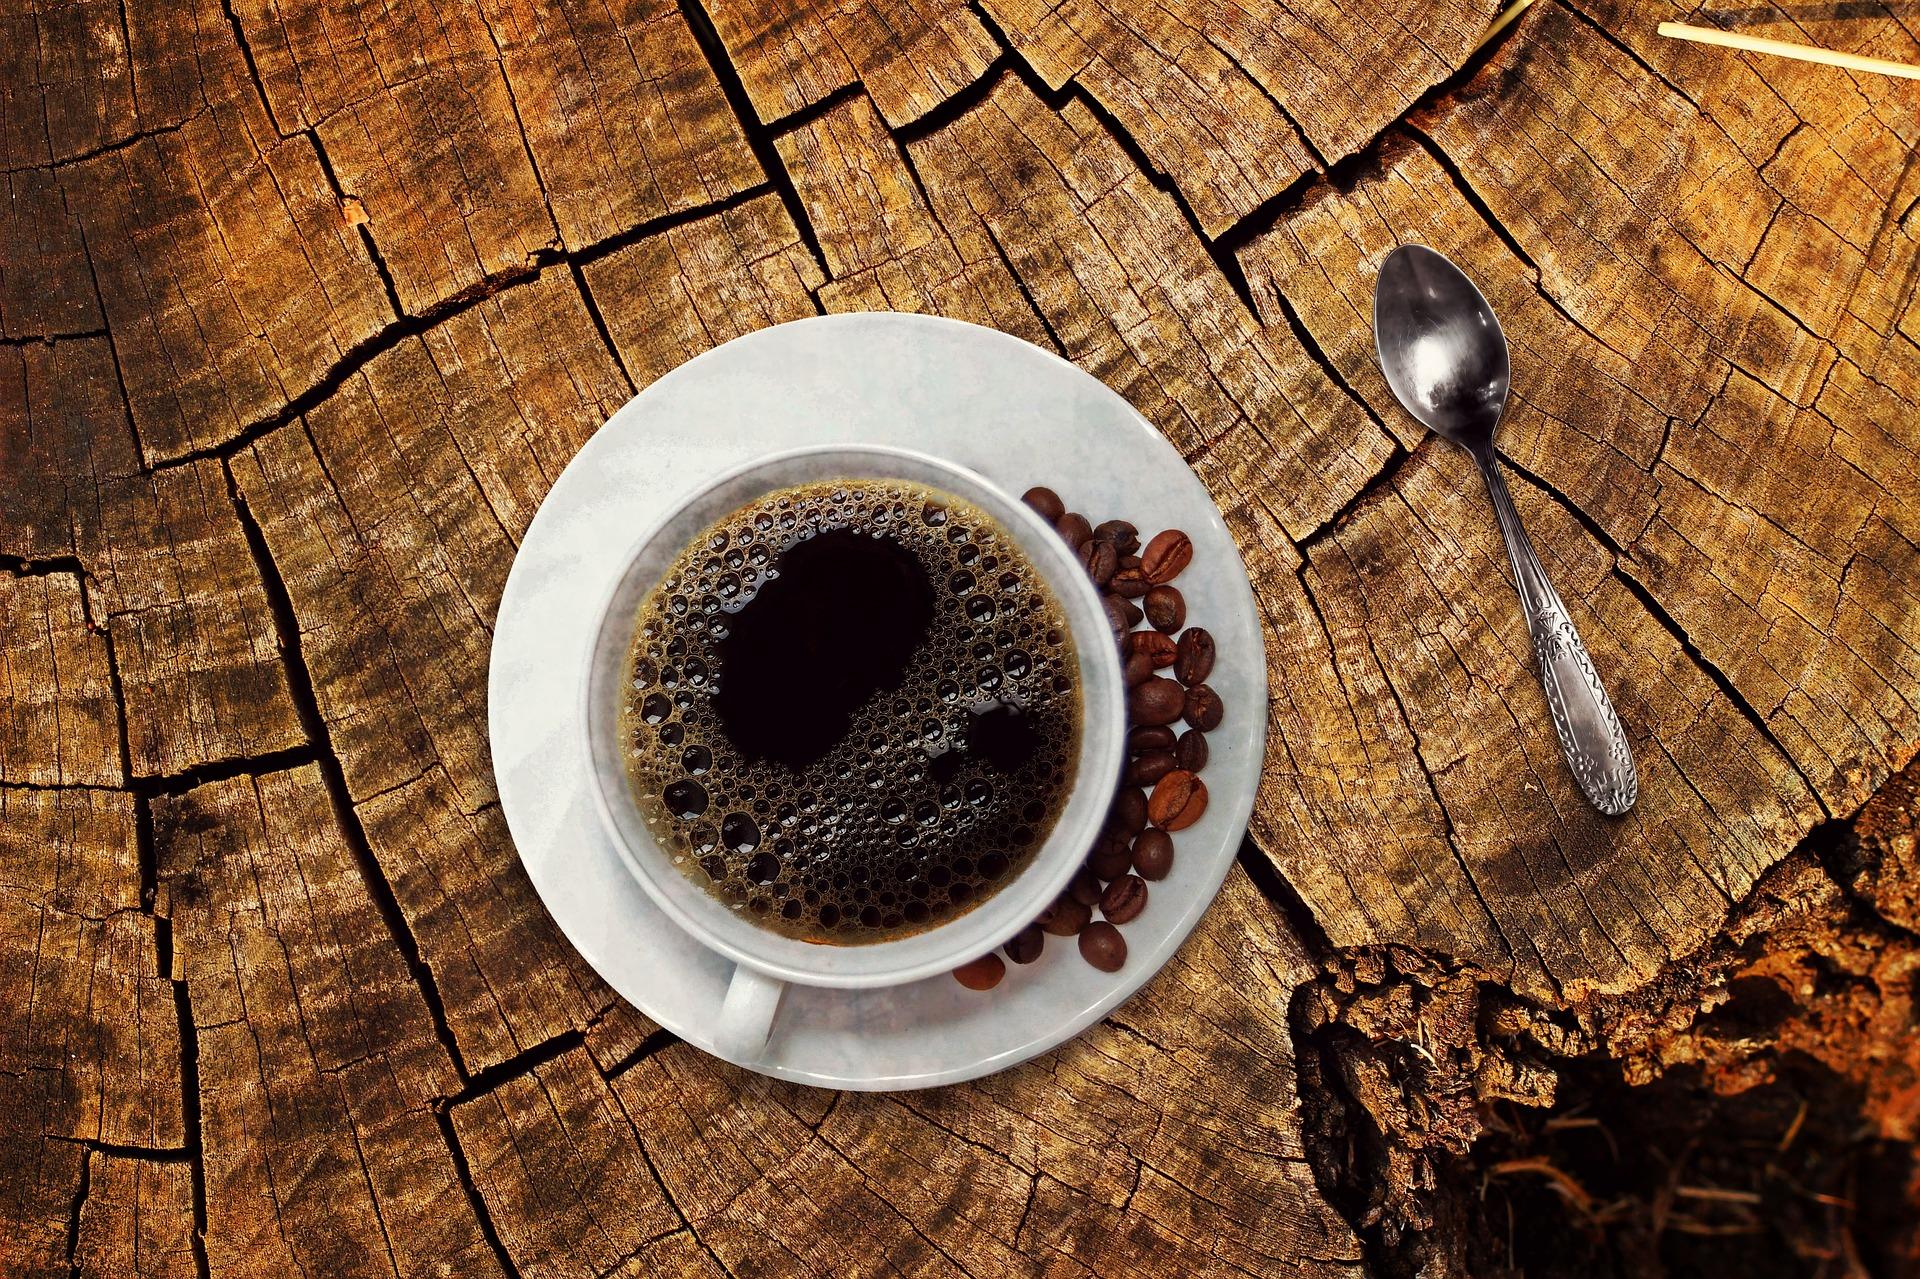 чашка кофе картинка